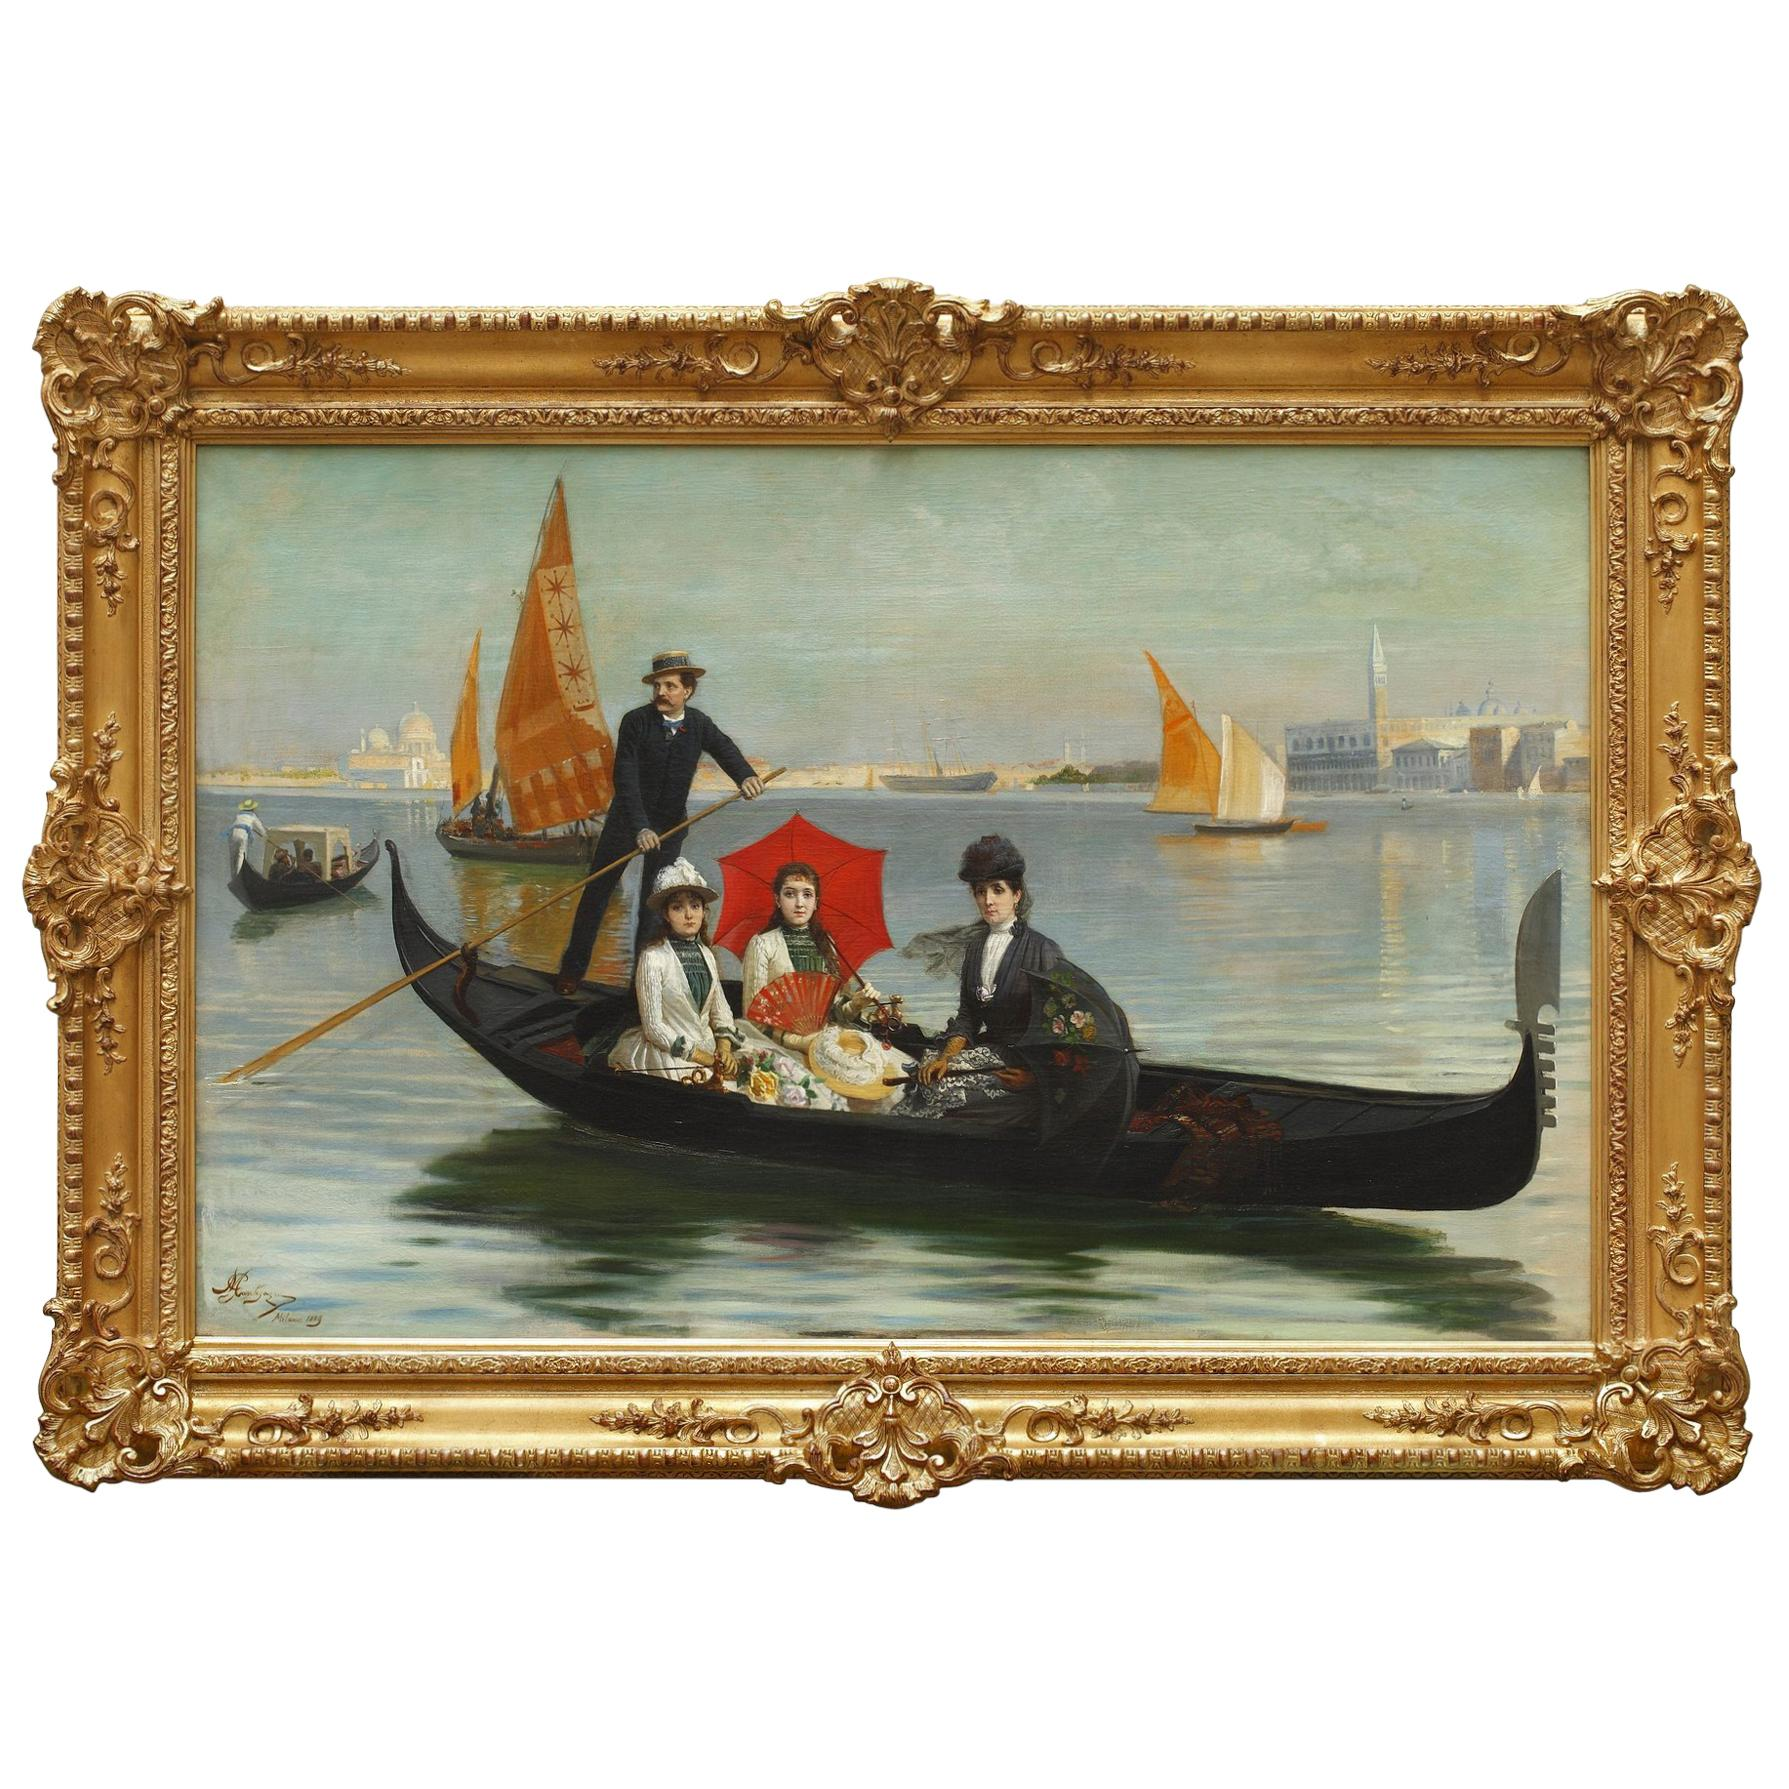 Gondola Ride in Venice by G. Mantegazza